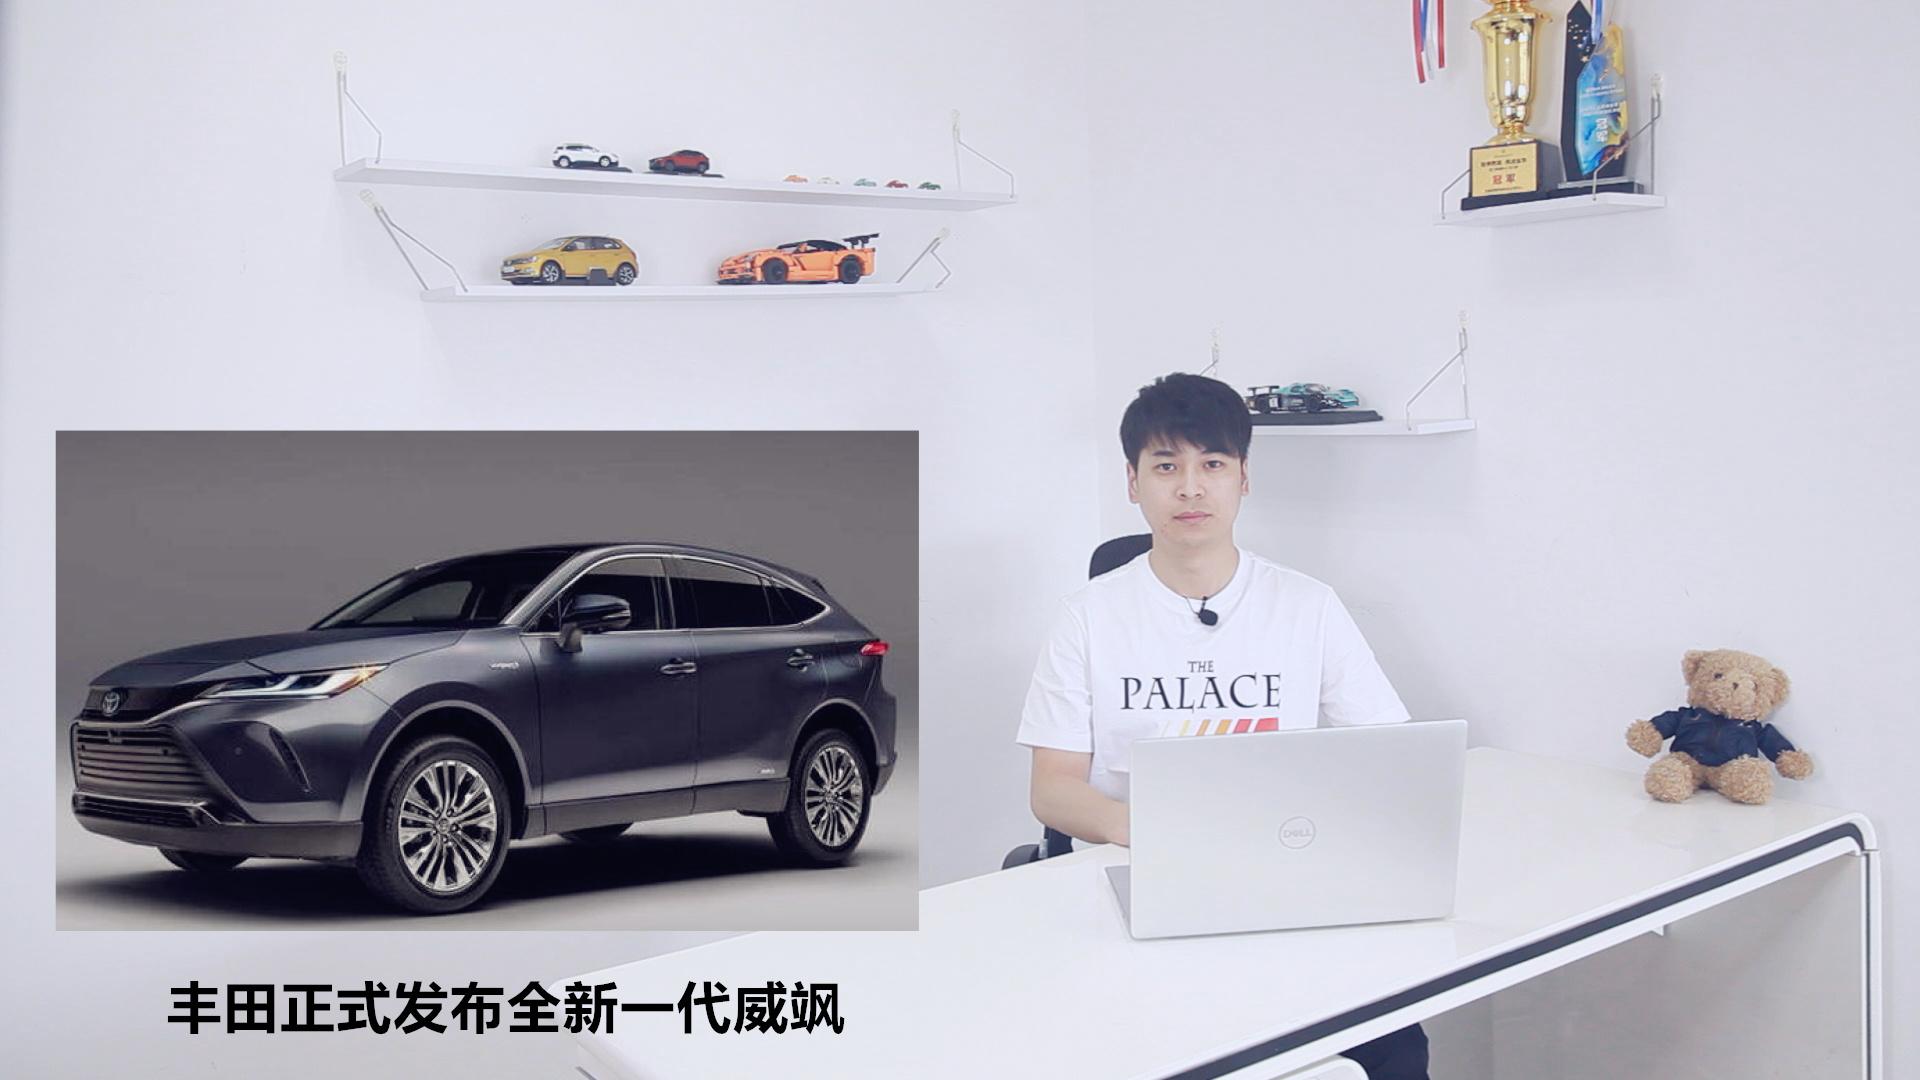 丰田正式发布全新一代威飒